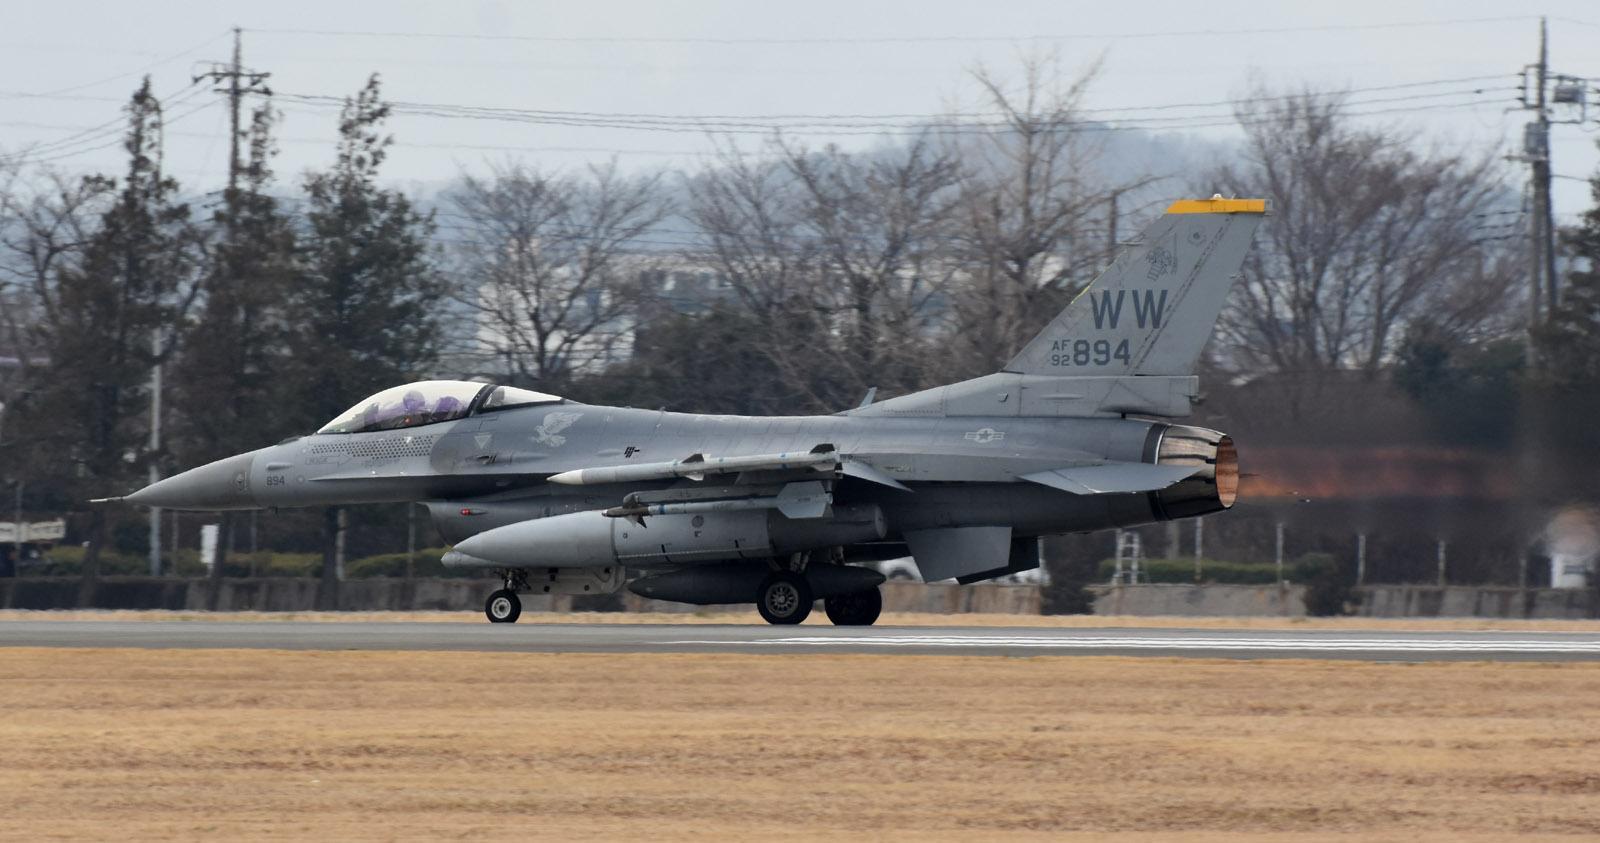 F16cm190301g889